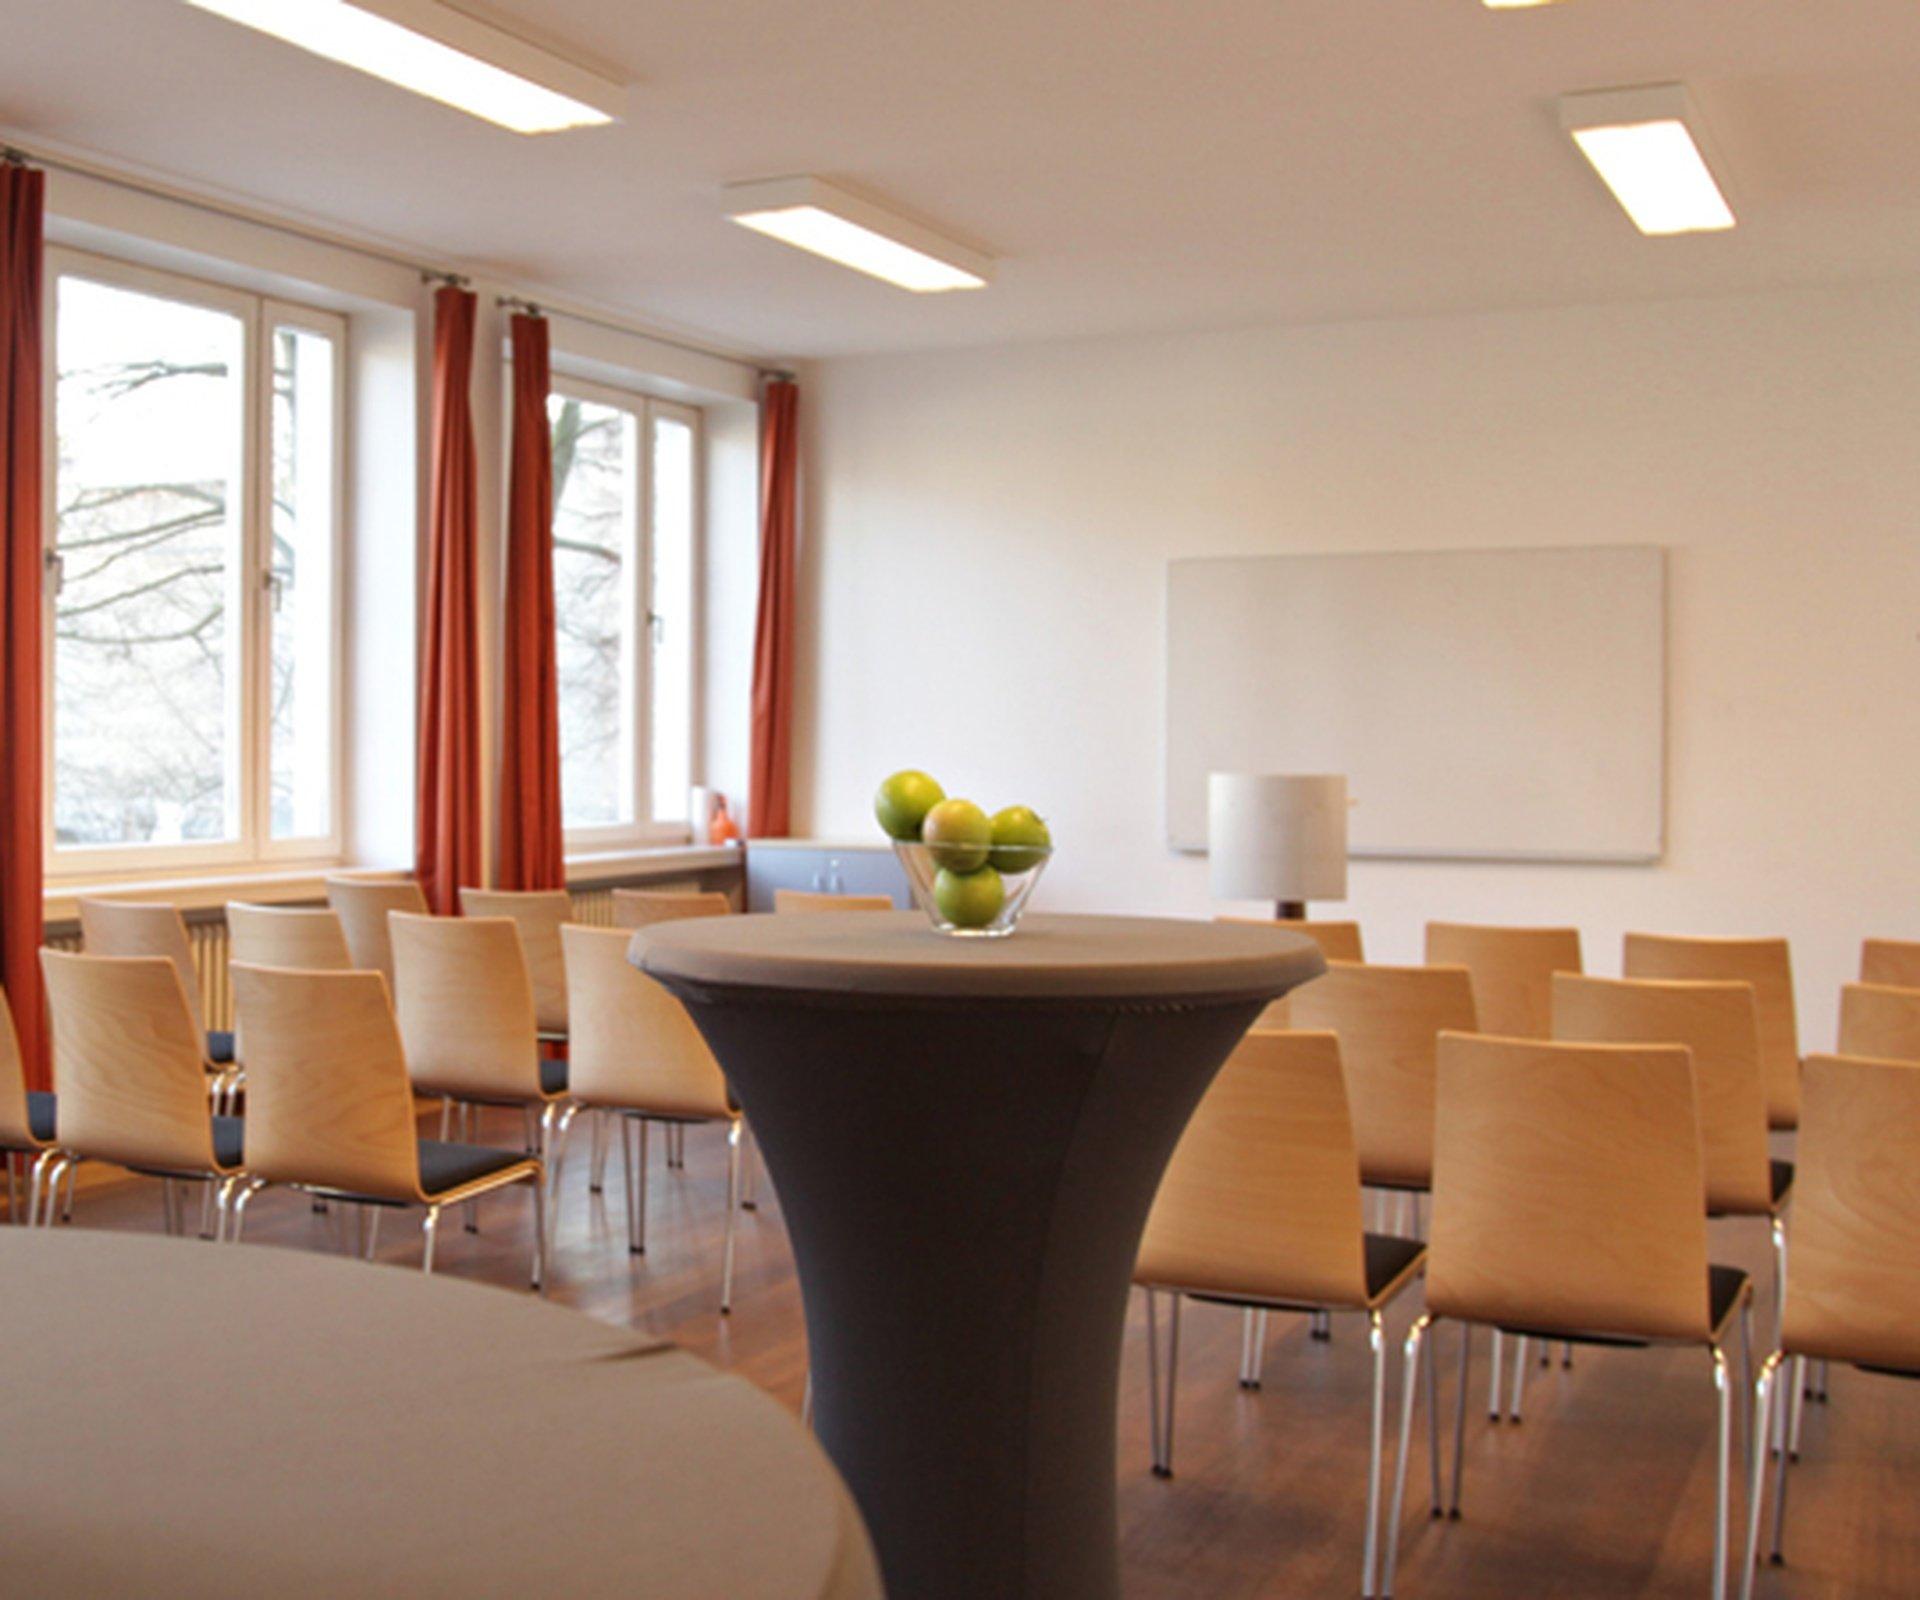 Berlin training rooms Salle de réunion GLS Campus - Seminar Room 1 image 0